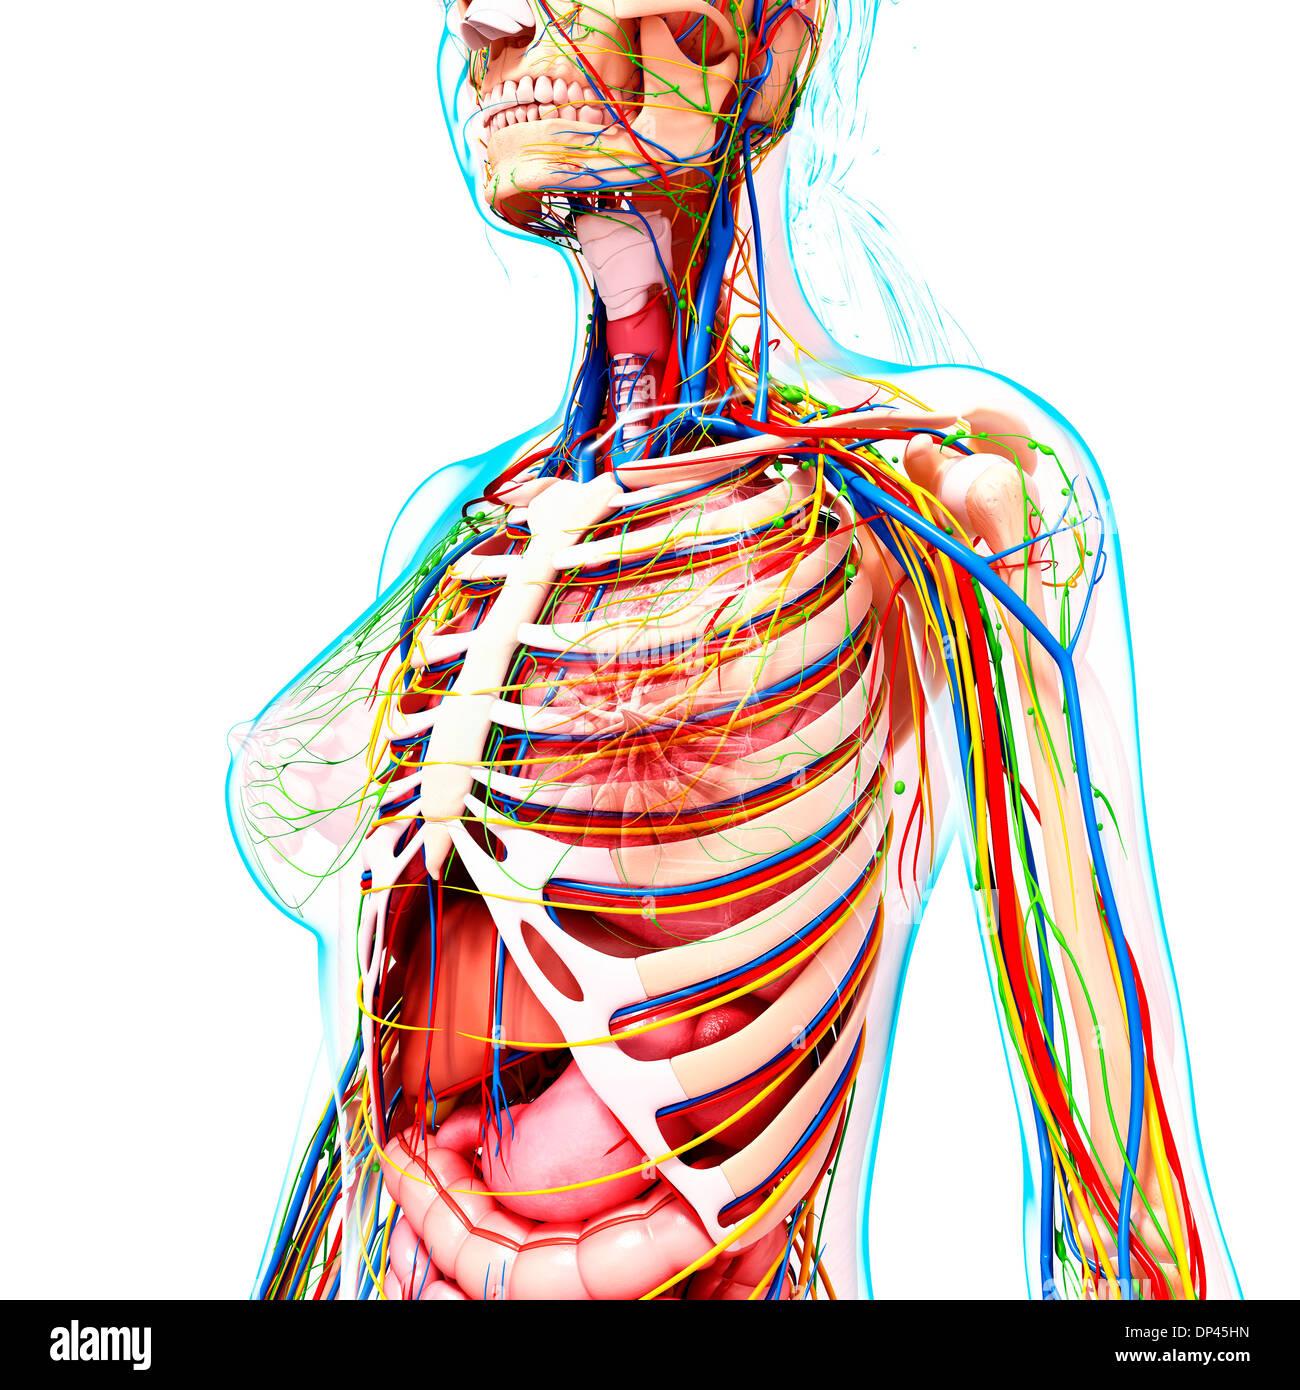 Erfreut Weibliche Anatomie Magen Ideen - Menschliche Anatomie Bilder ...